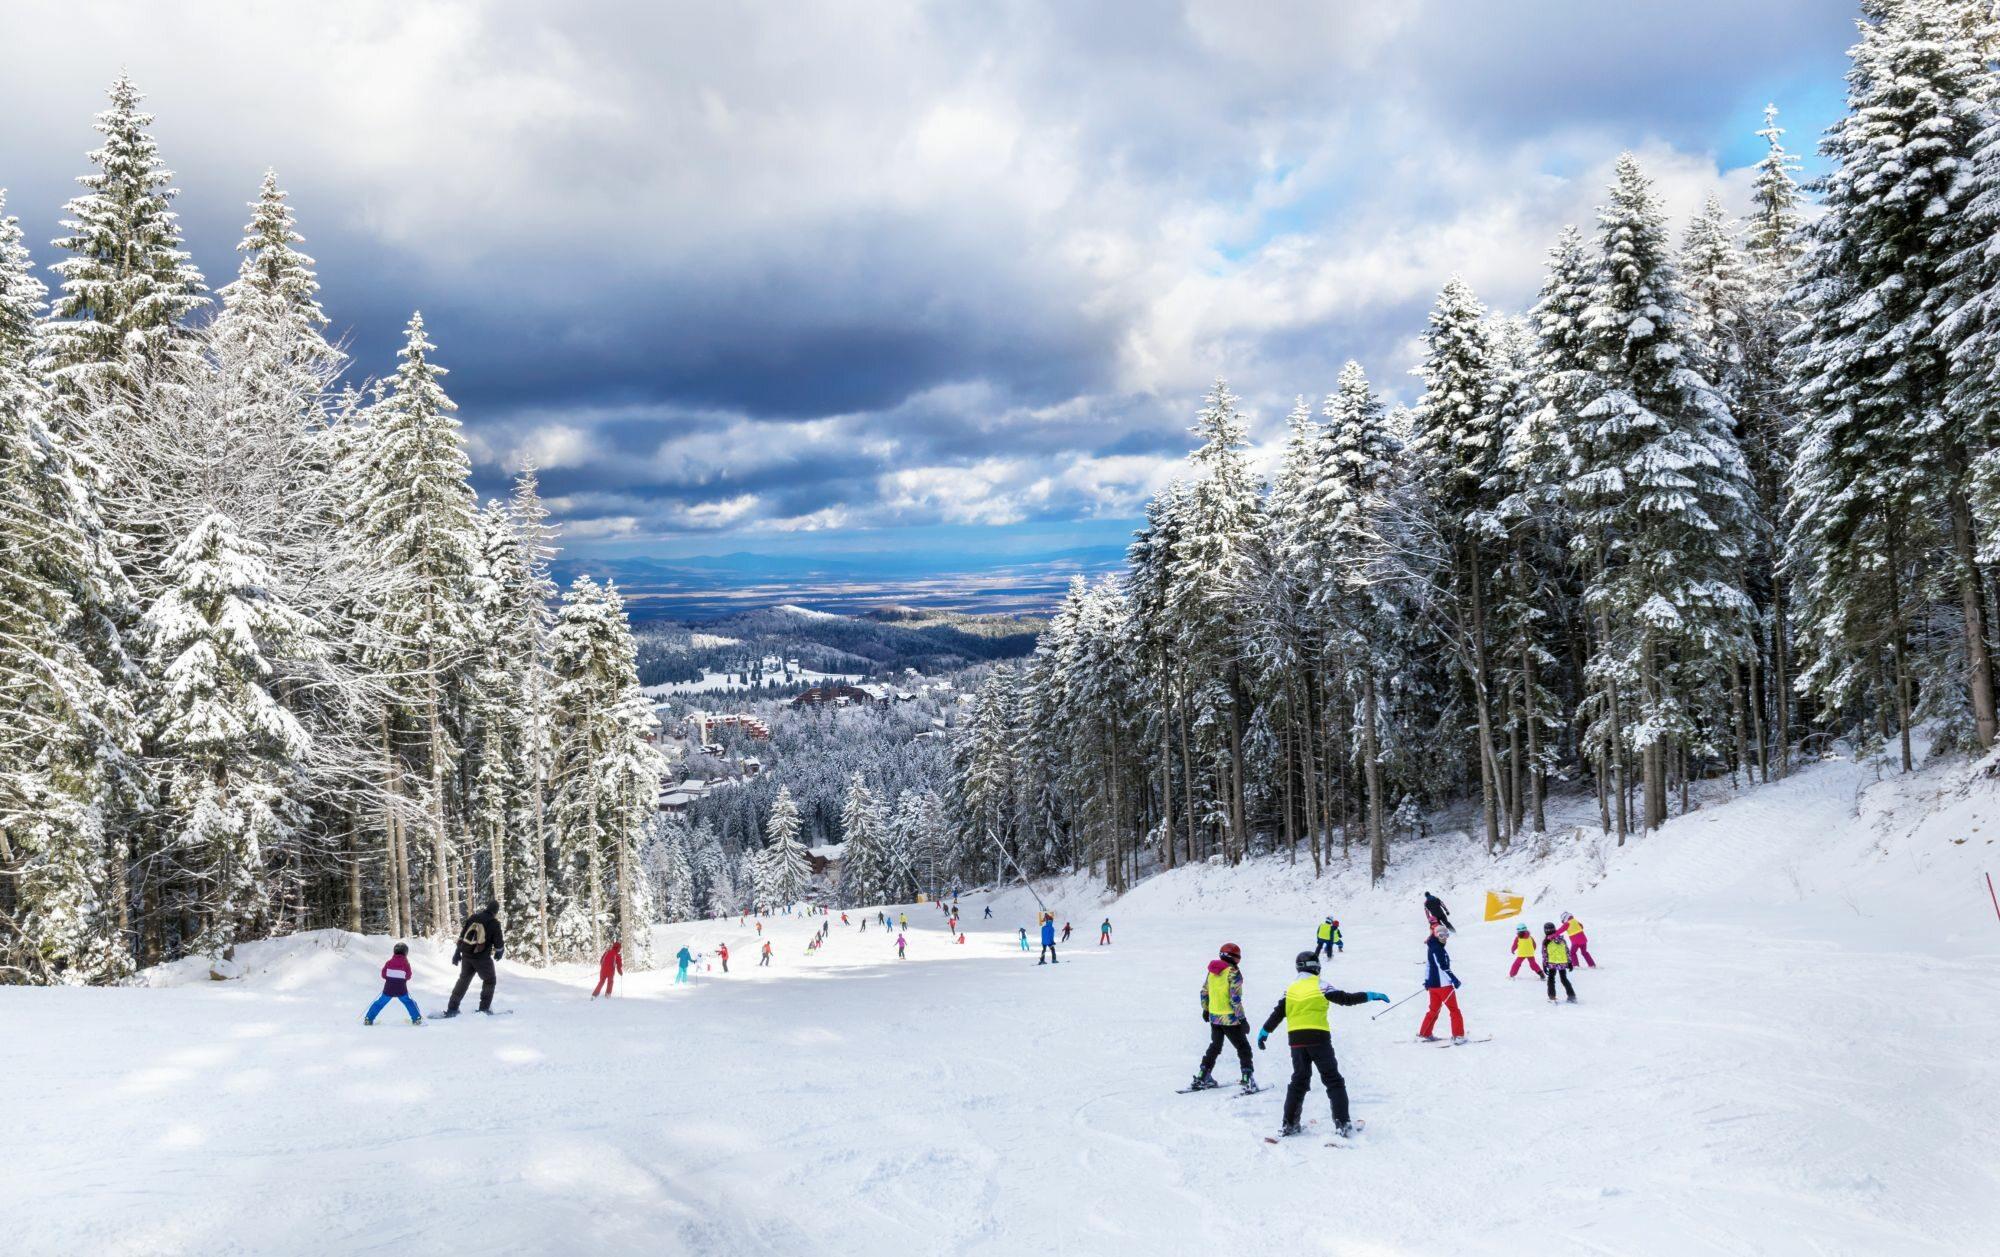 Stok narciarski, zdj. ilustracyjne